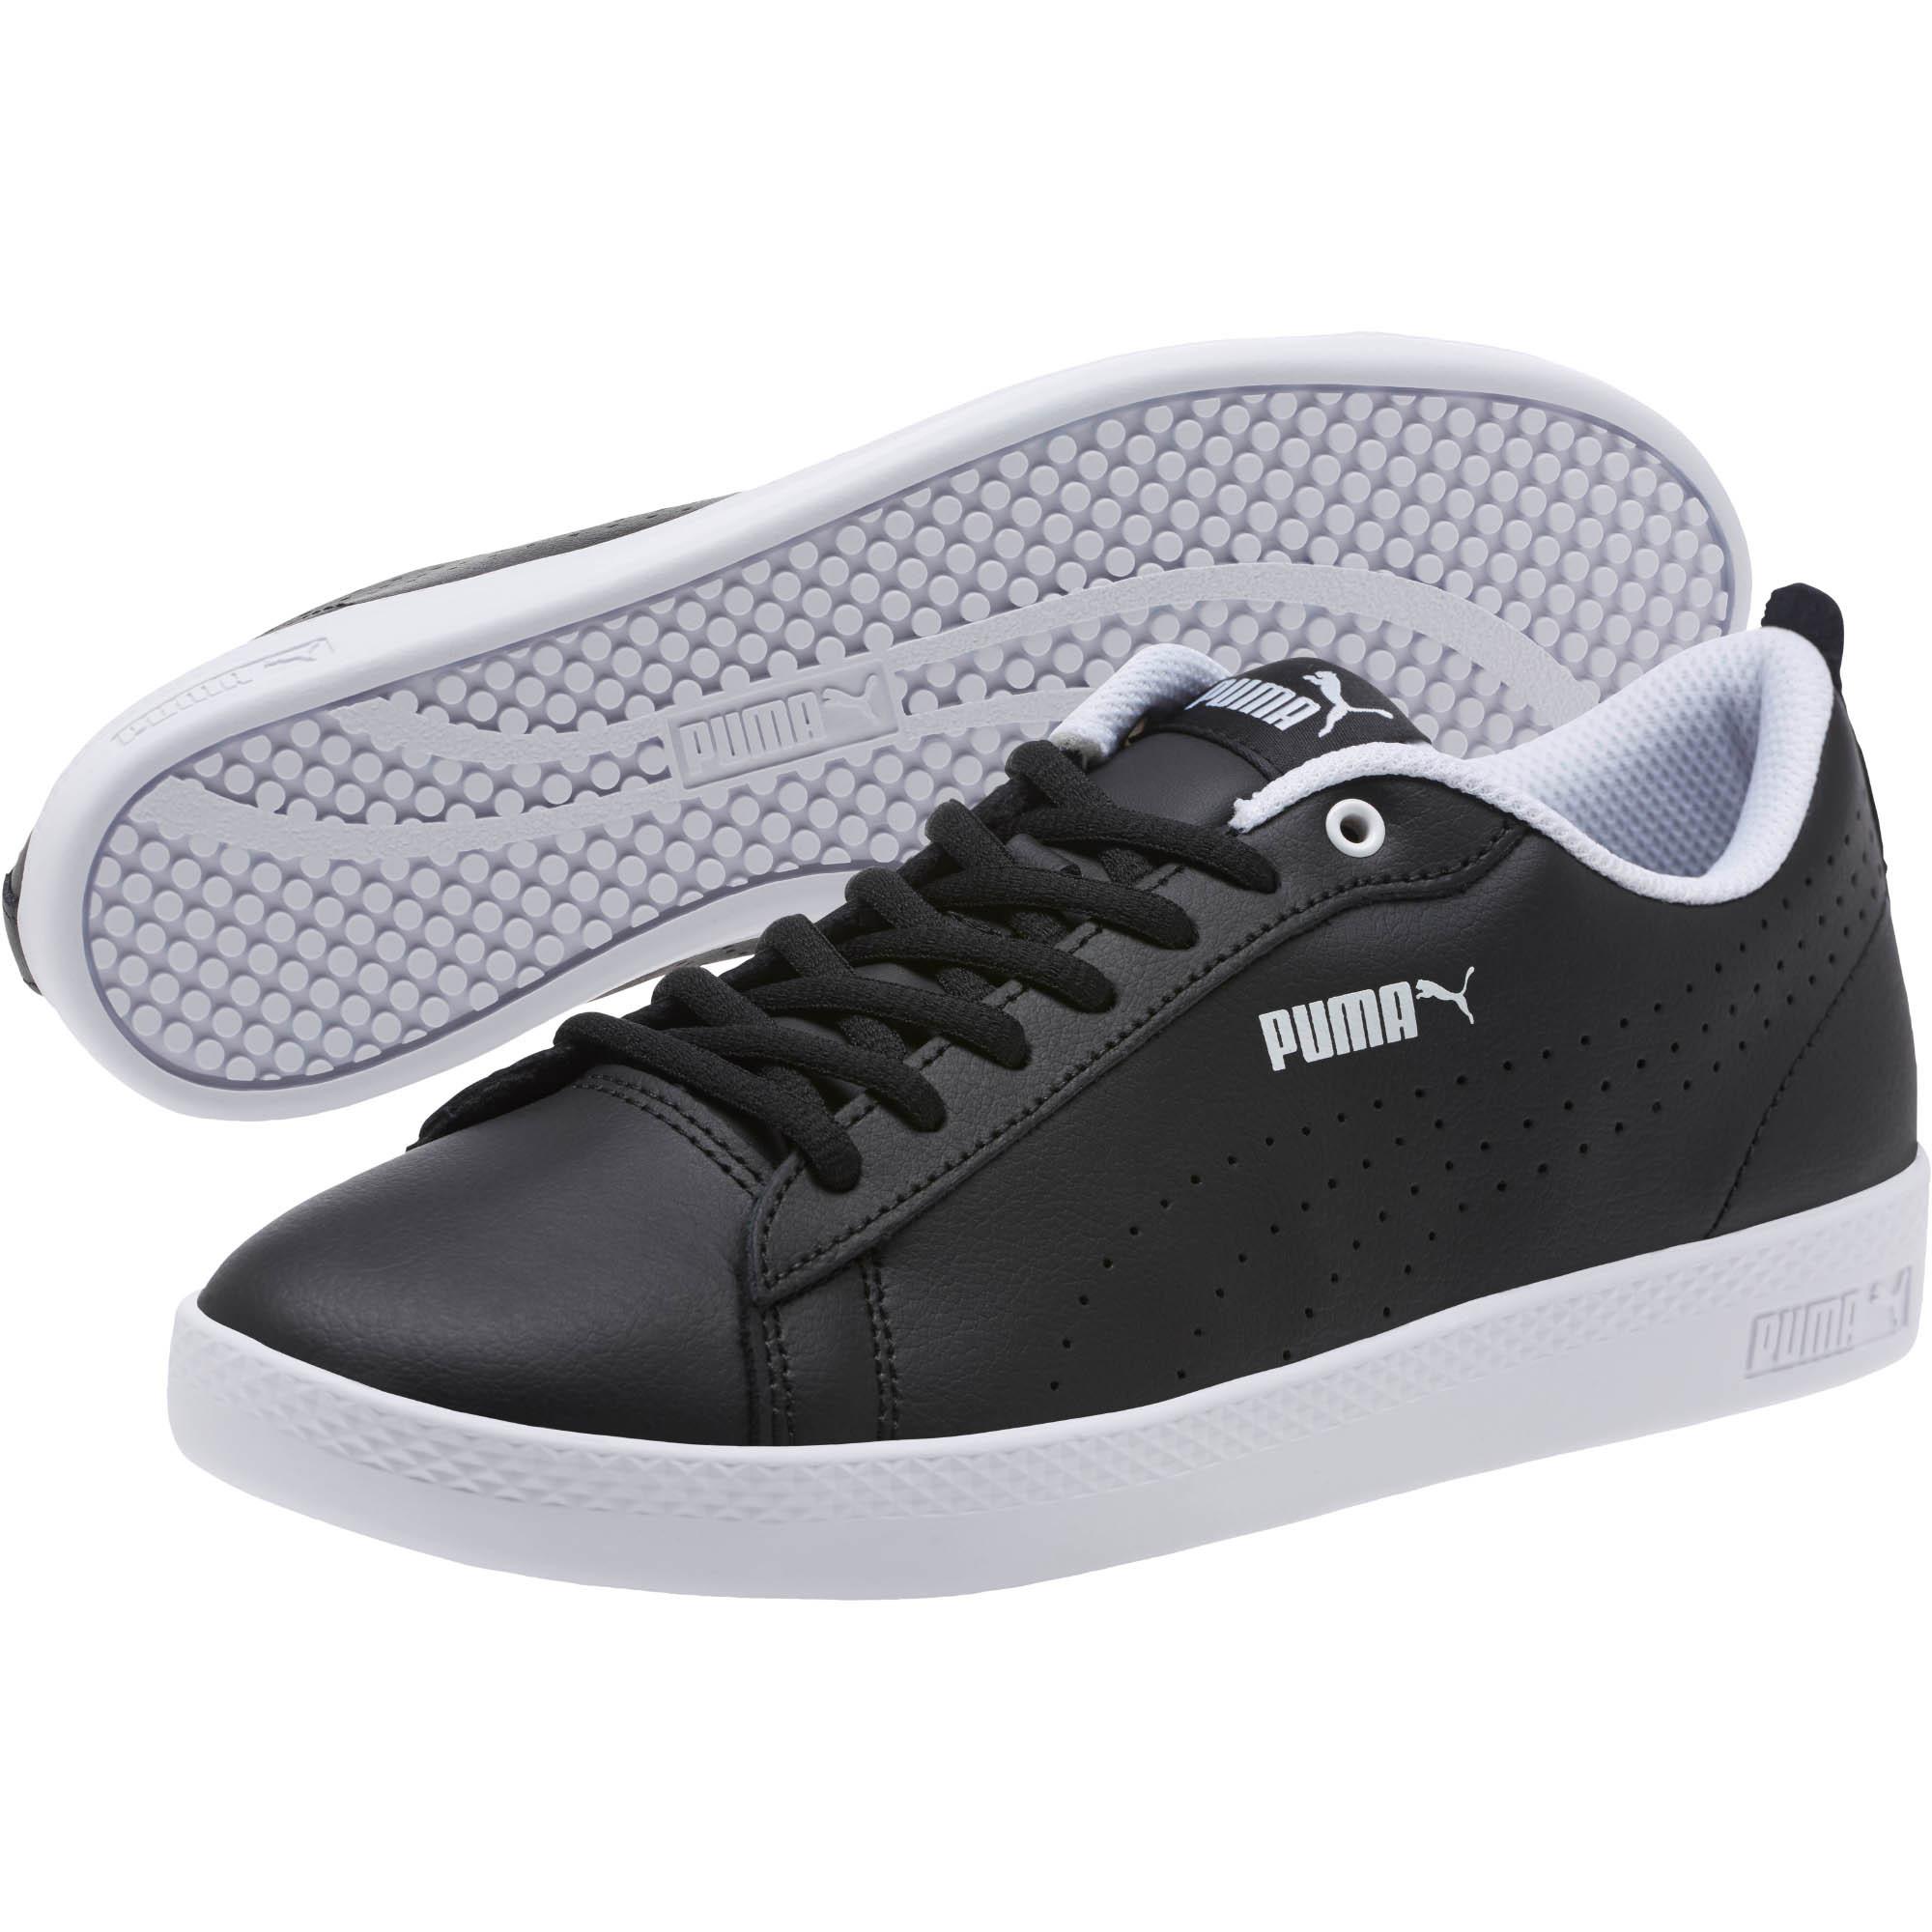 1855d8b4909 Official Puma Store  PUMA Smash V2 L Perf Women s Sneakers